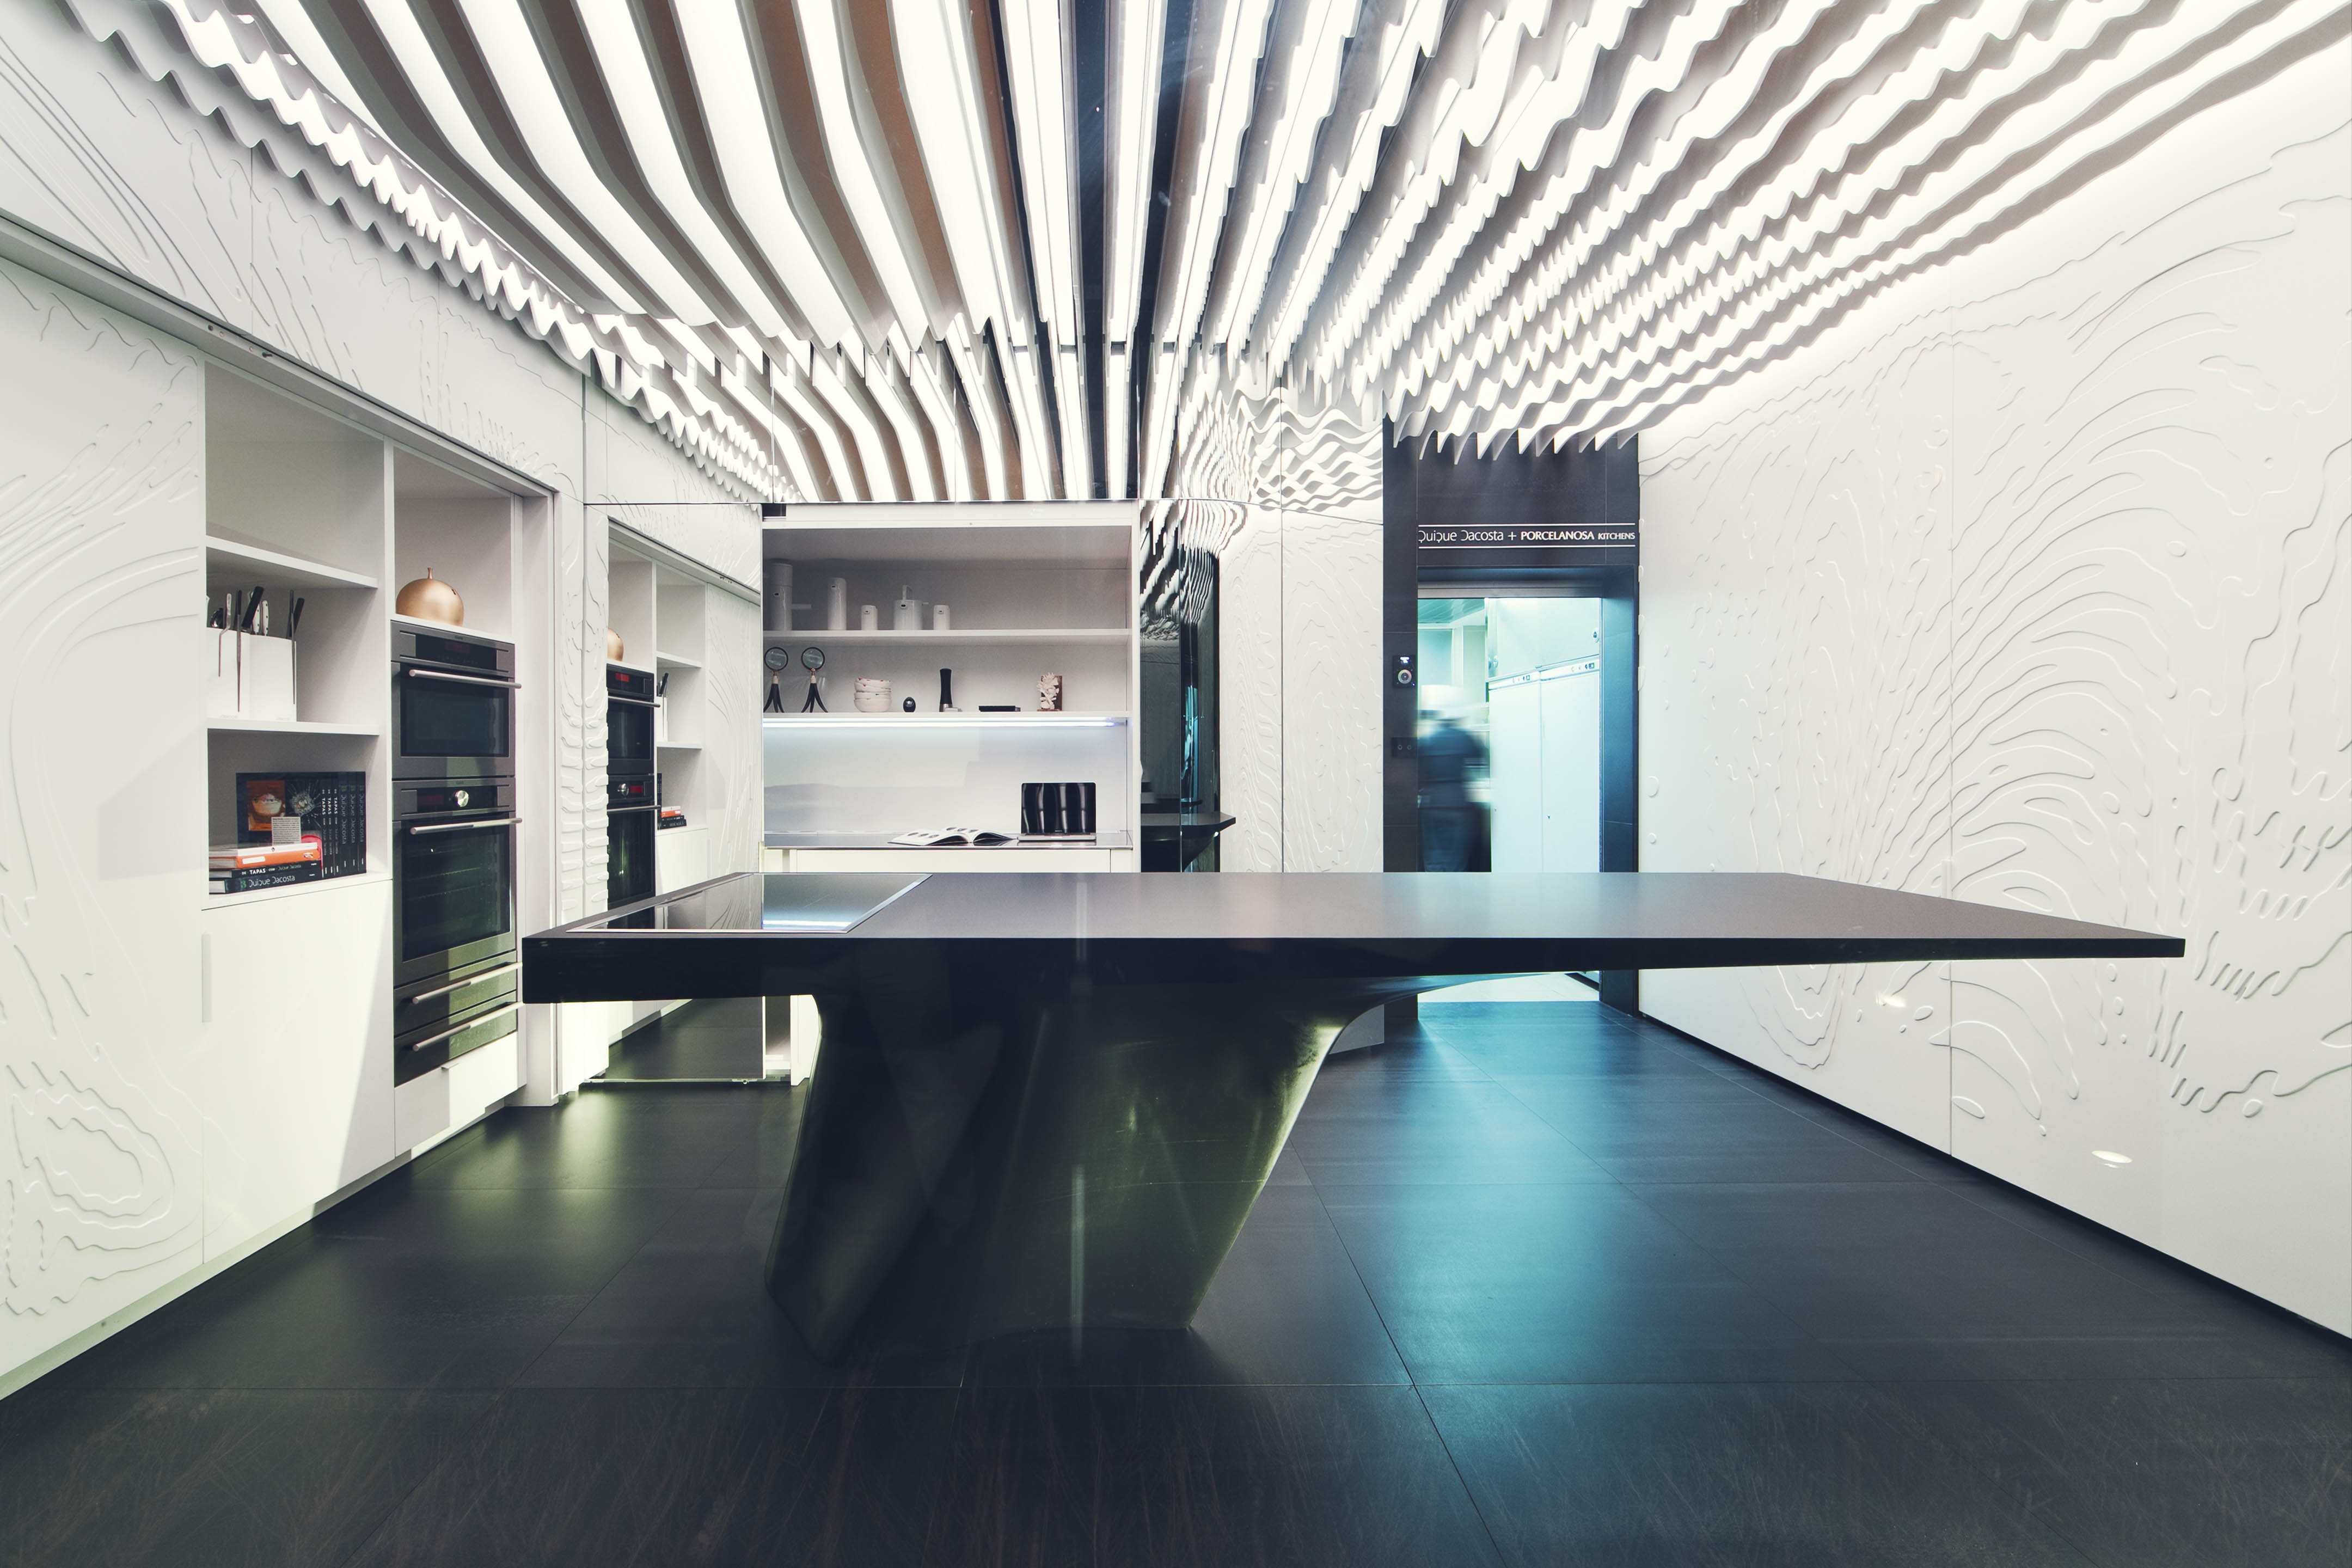 Studio de Creatividad - ggarchitects